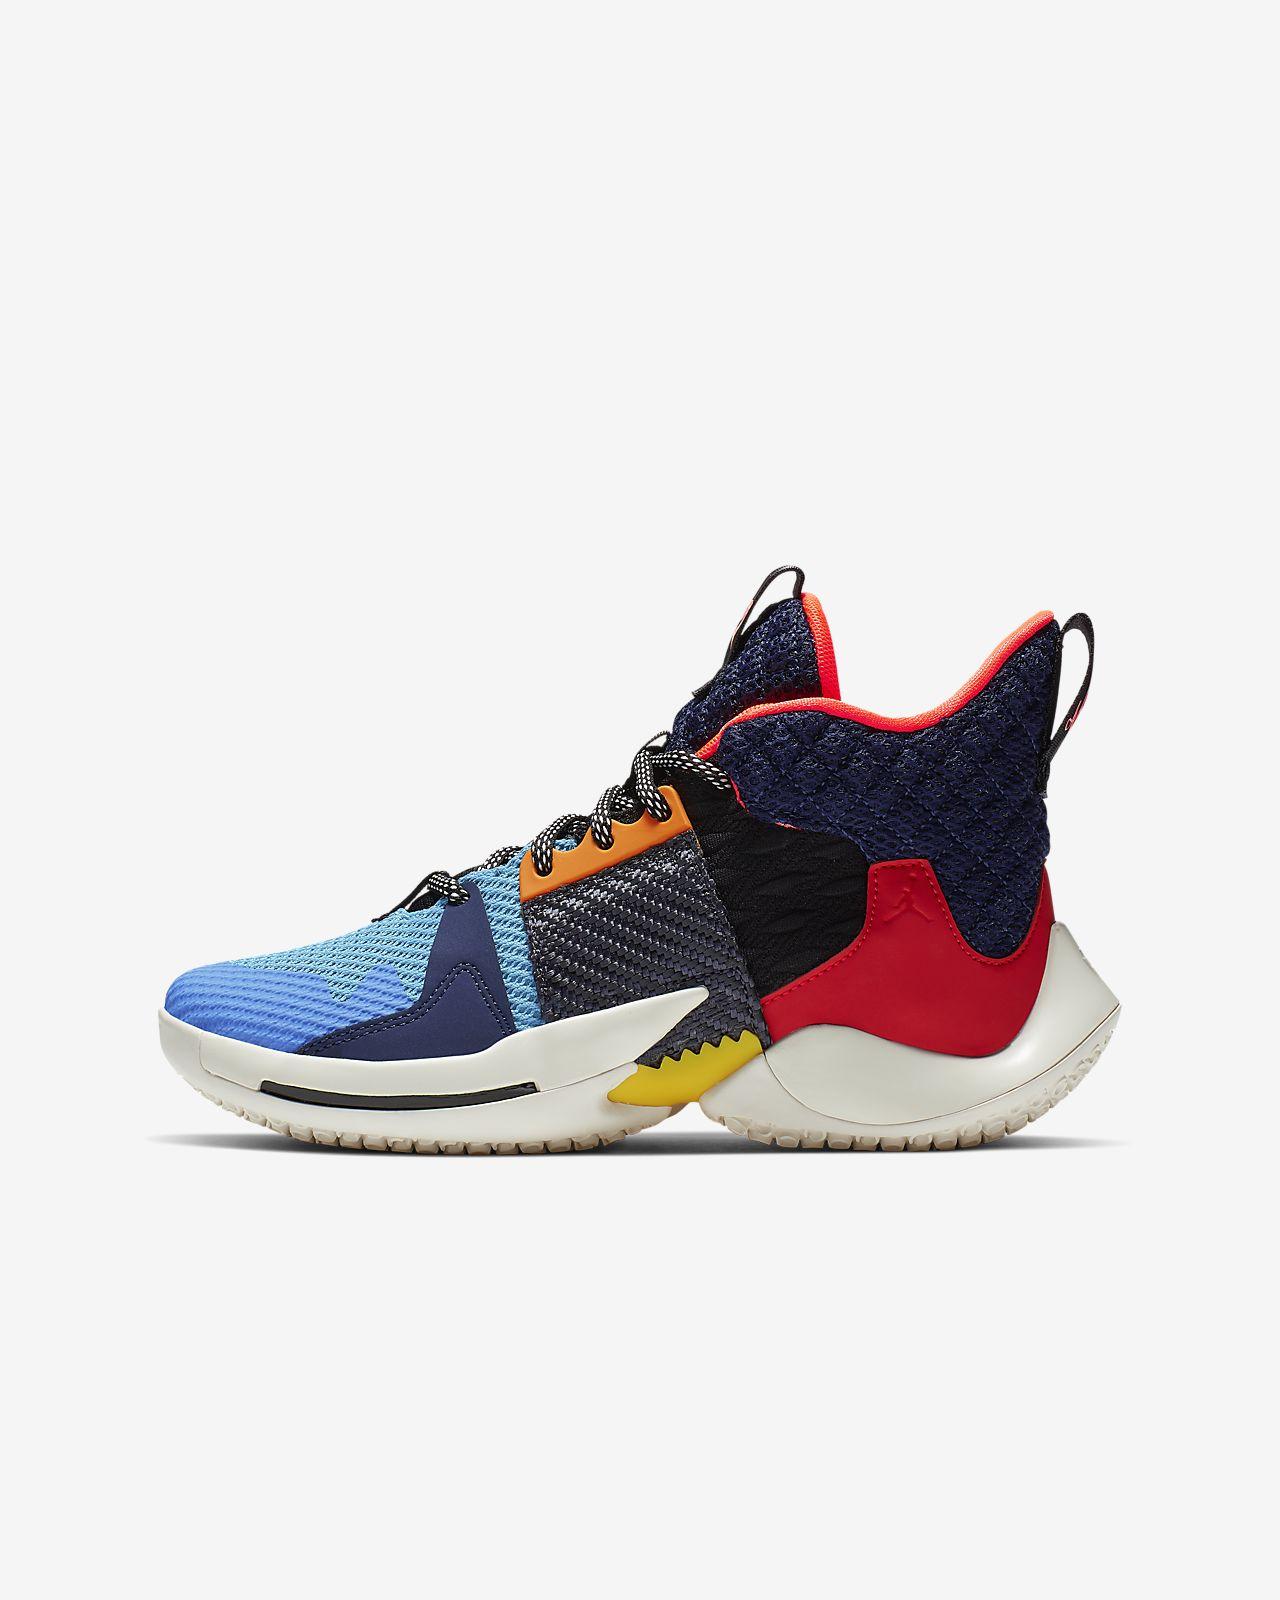 size 40 91548 88242 Zer0.2 Older Kids  Basketball Shoe